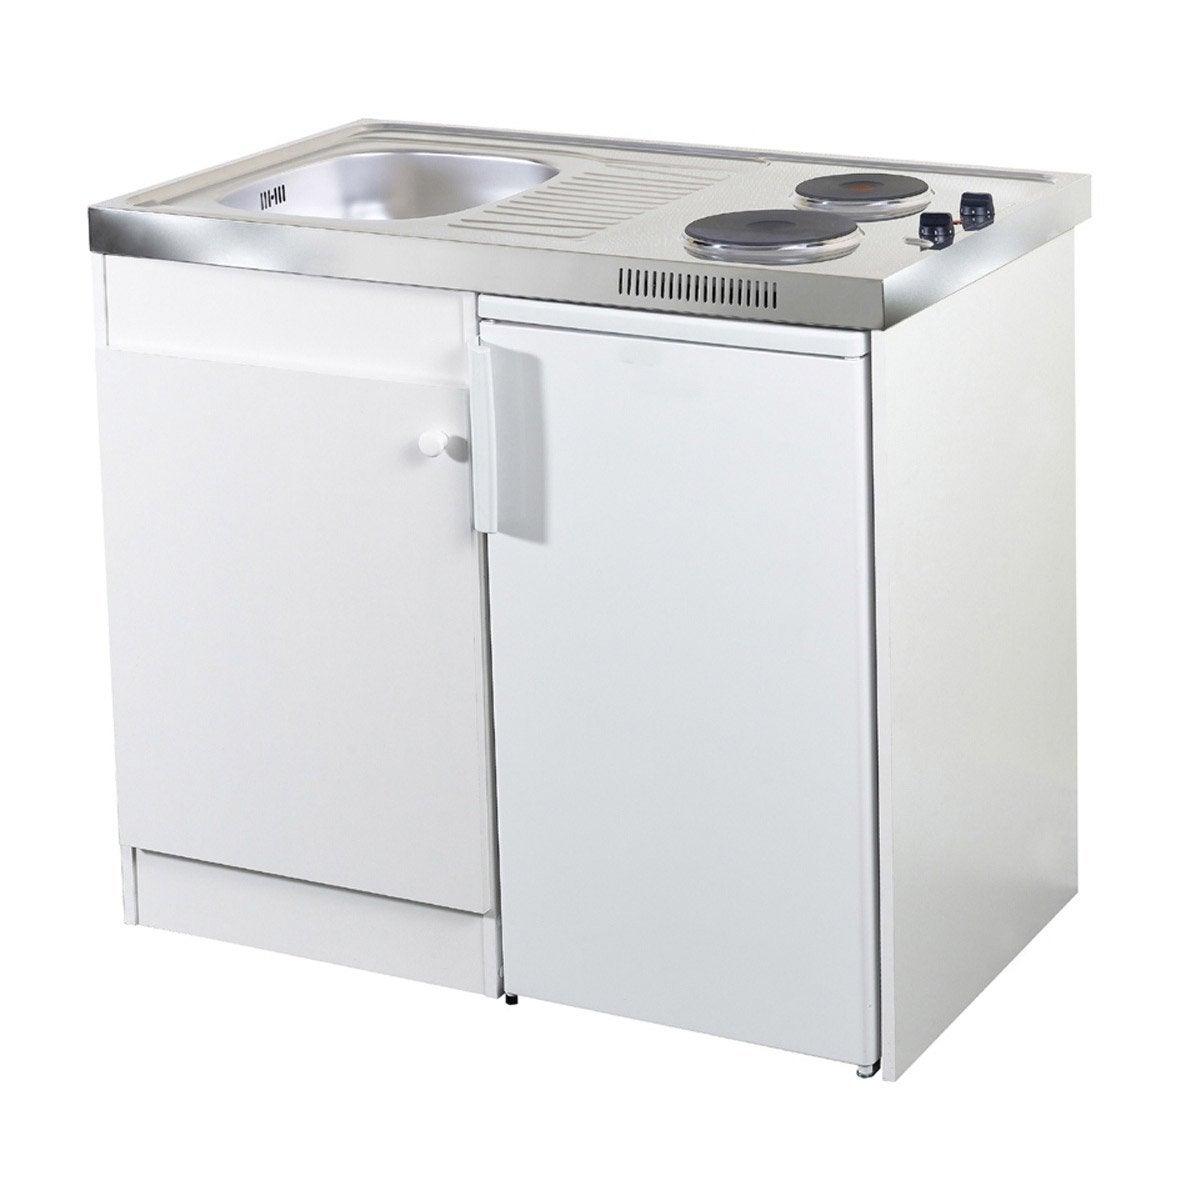 De Haute Qualite Kitchenette Electrique Blanc Spring H.92.5 X L.100 X P.60 Cm